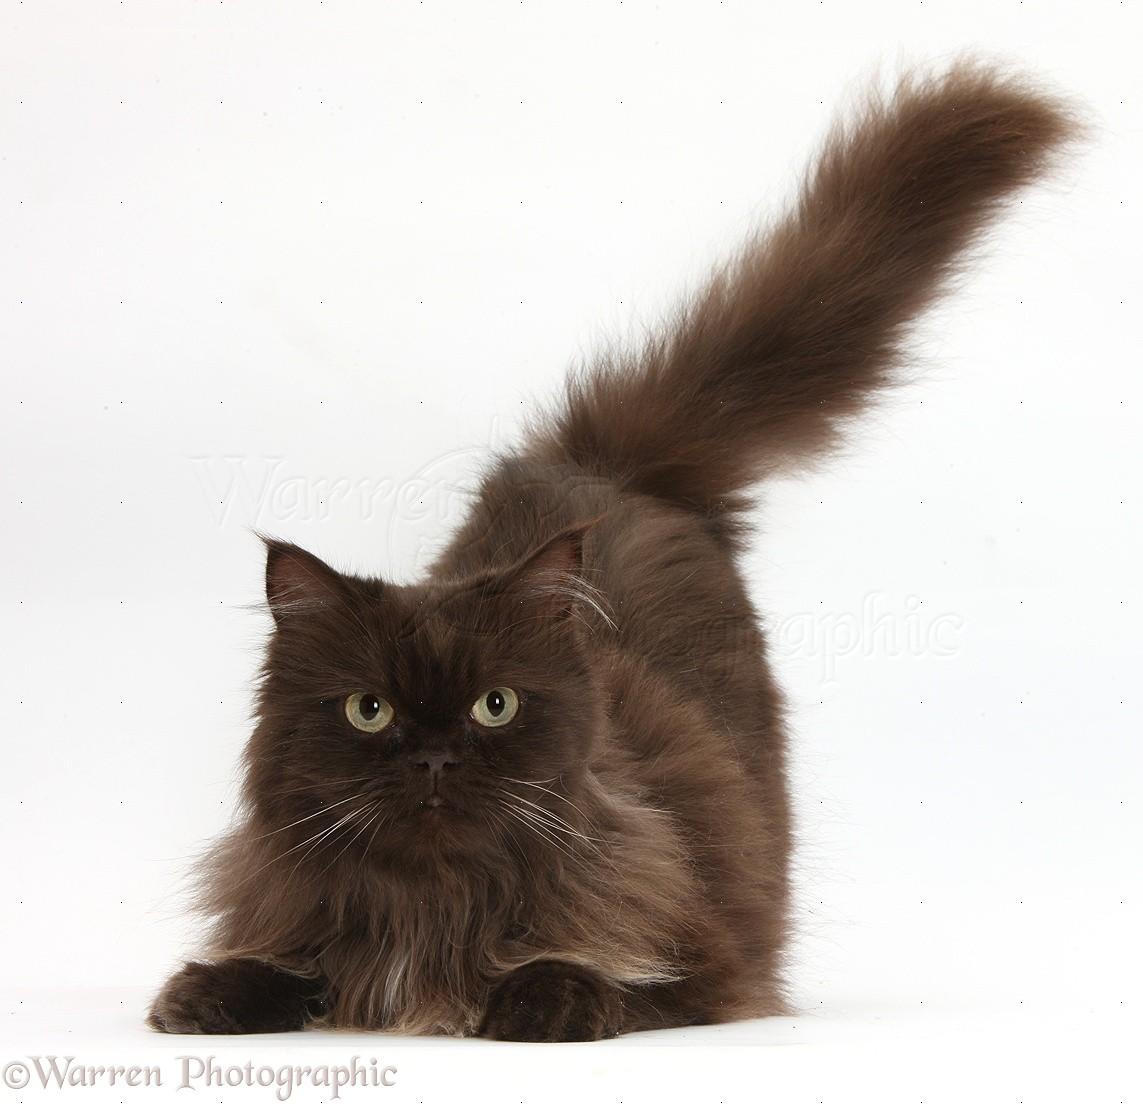 Chocolate cat photo - WP34551